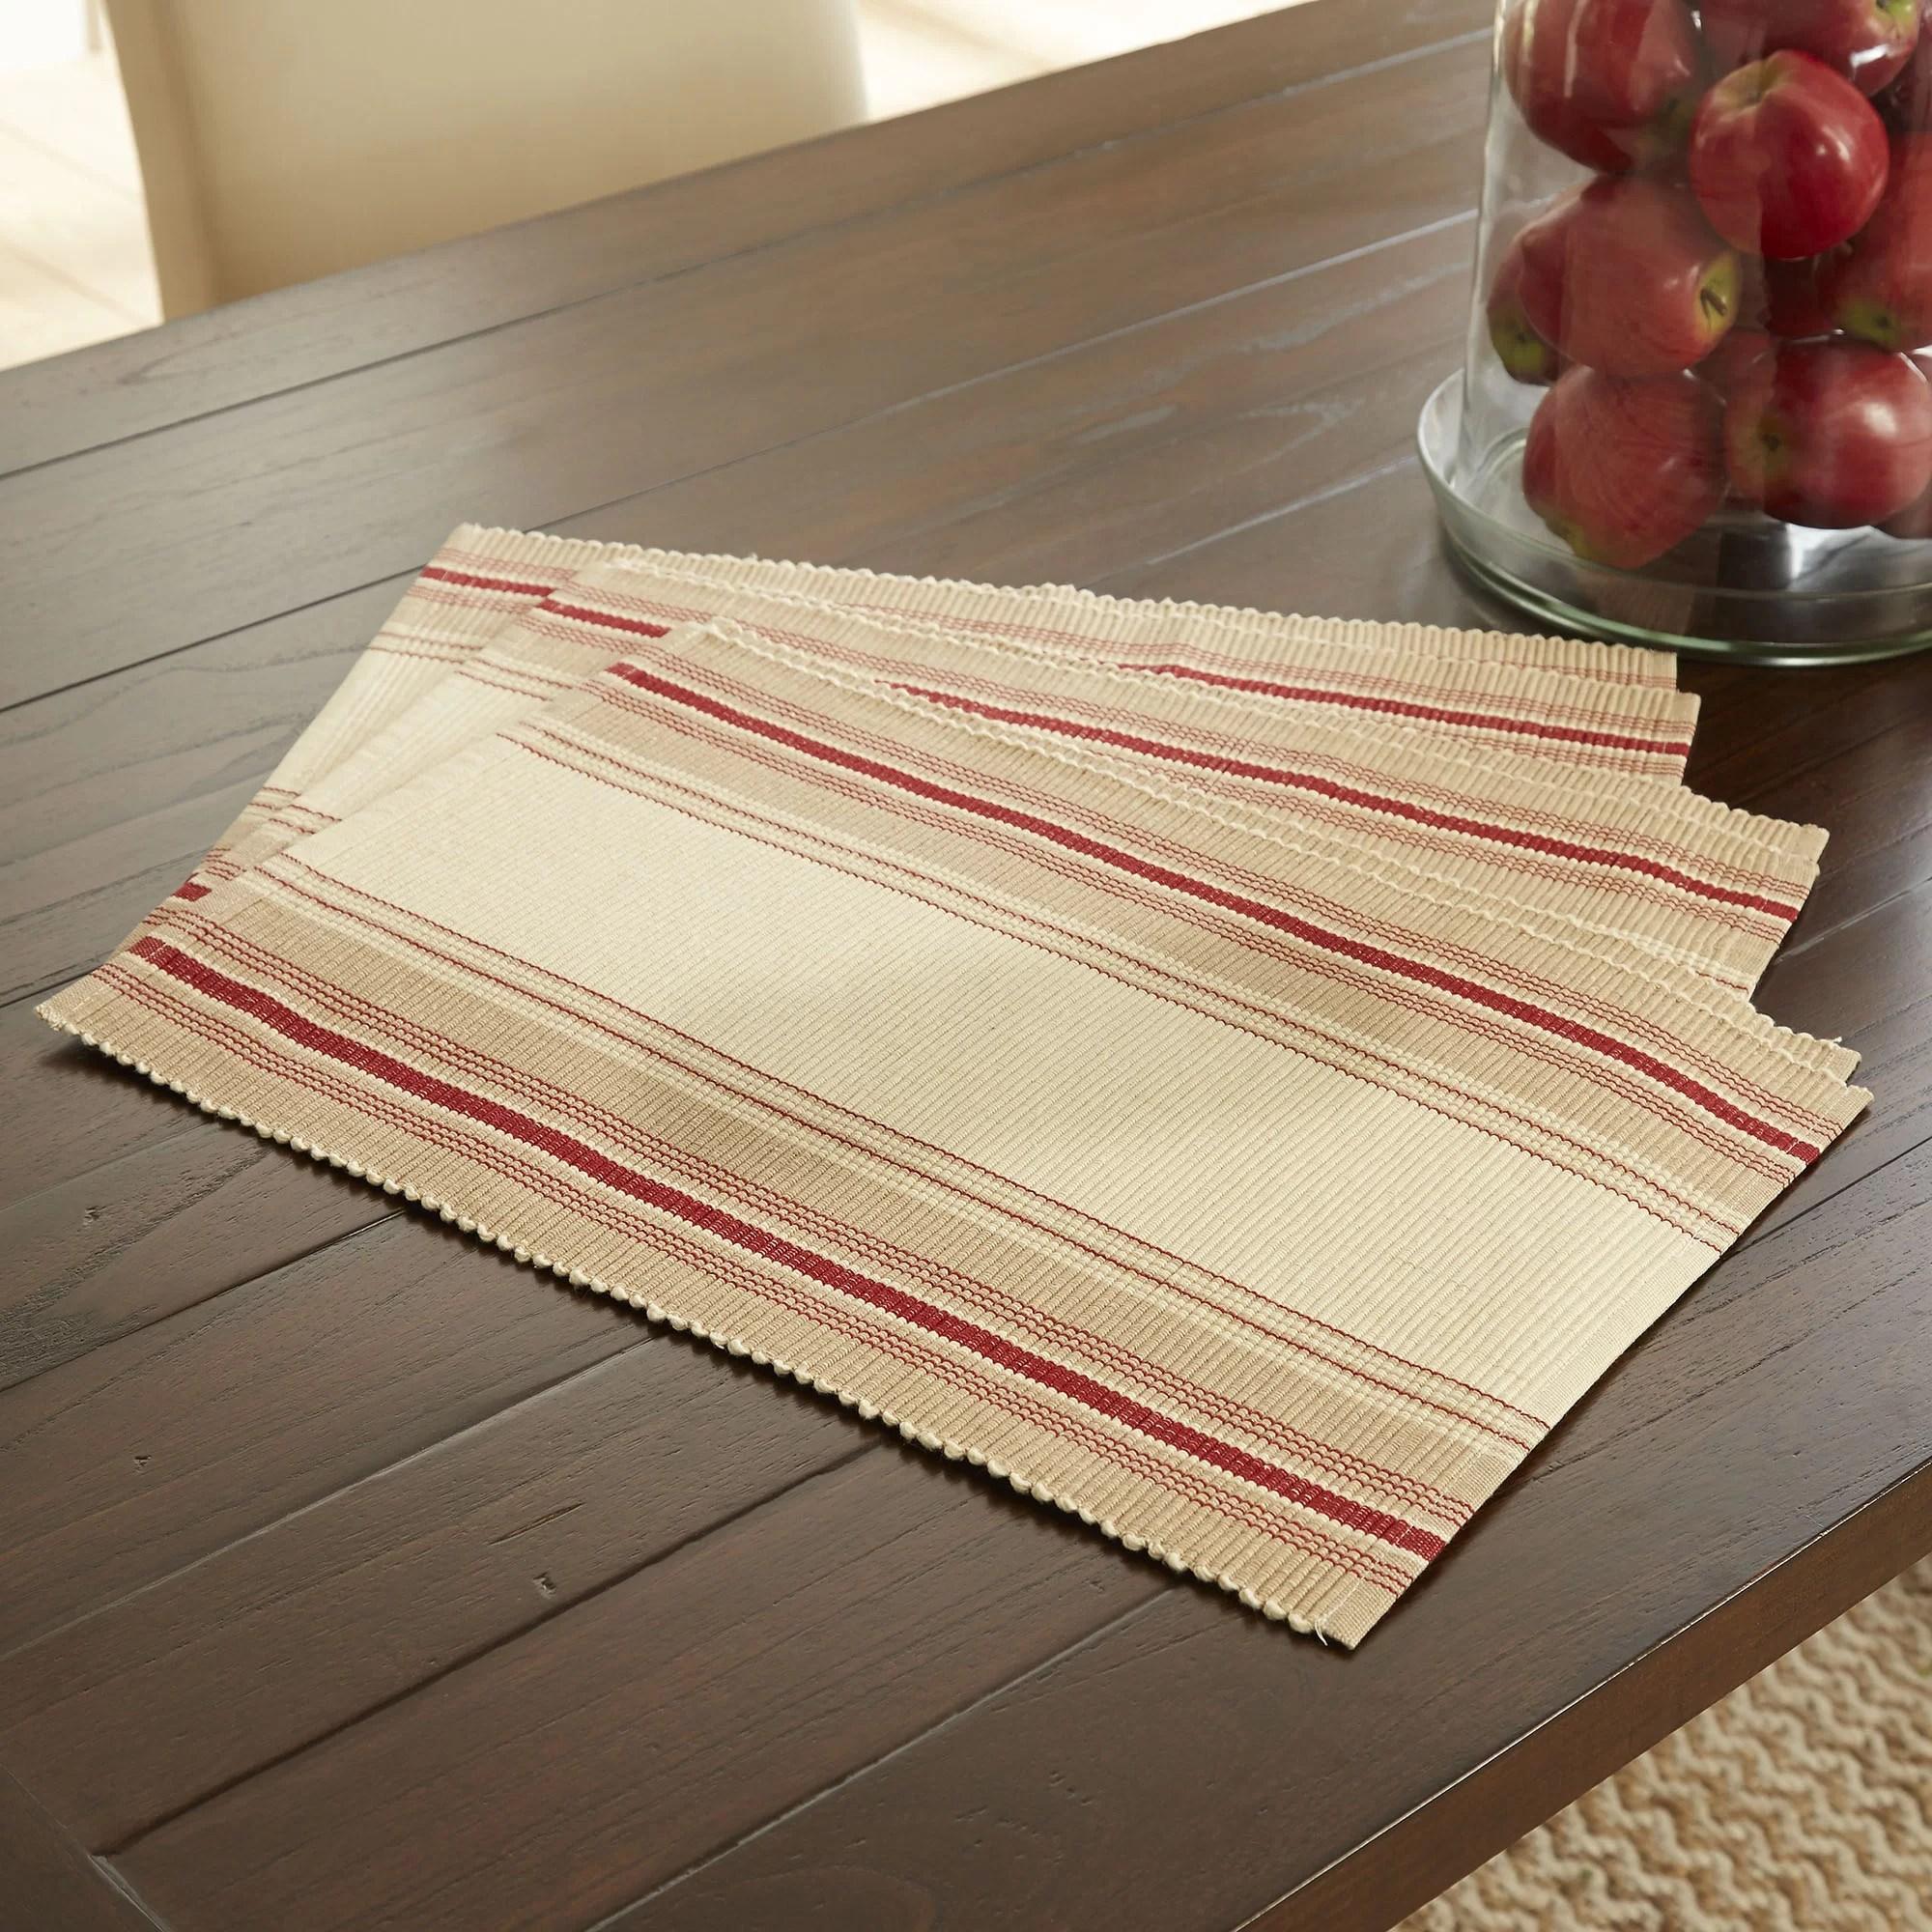 Beavercreek Striped 19 Cotton Placemat Reviews Birch Lane